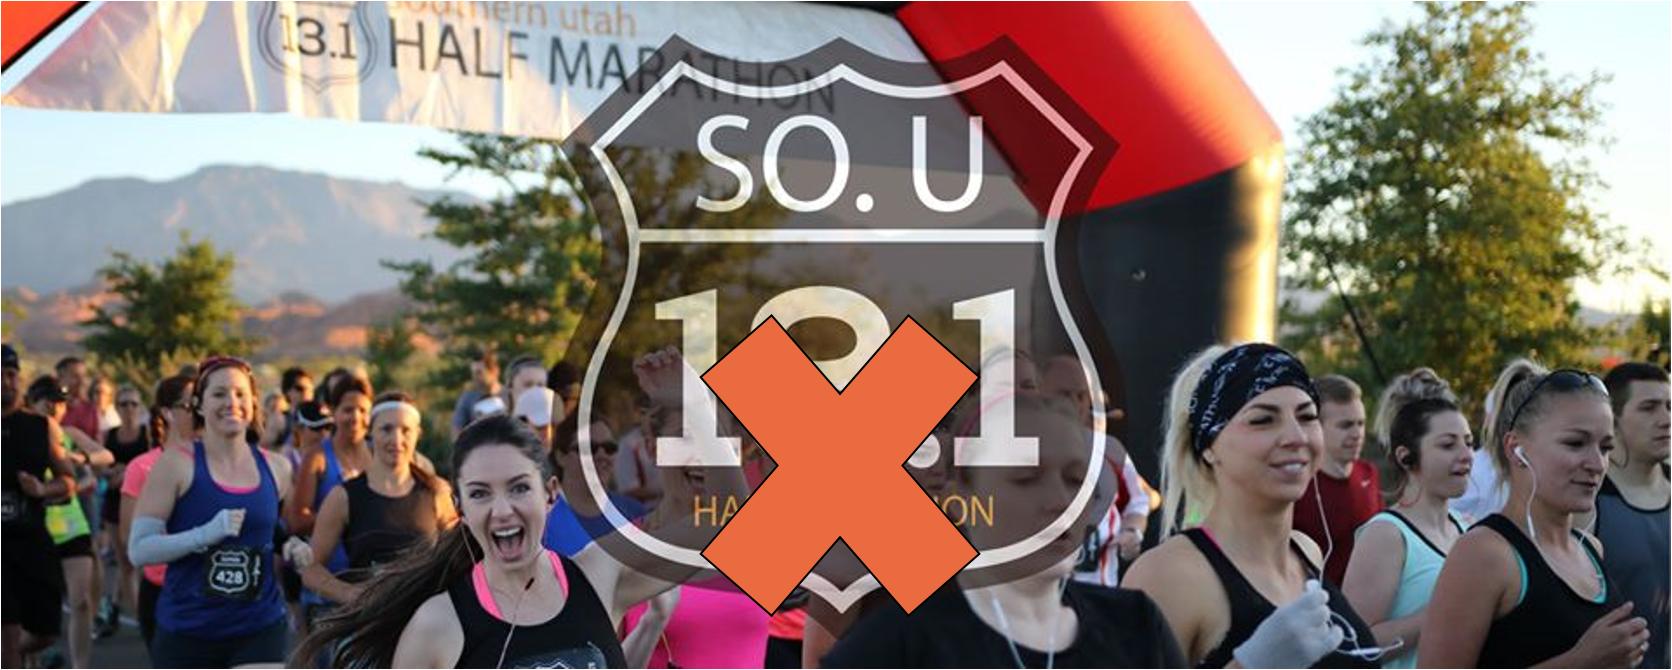 southern utah half marahon runners